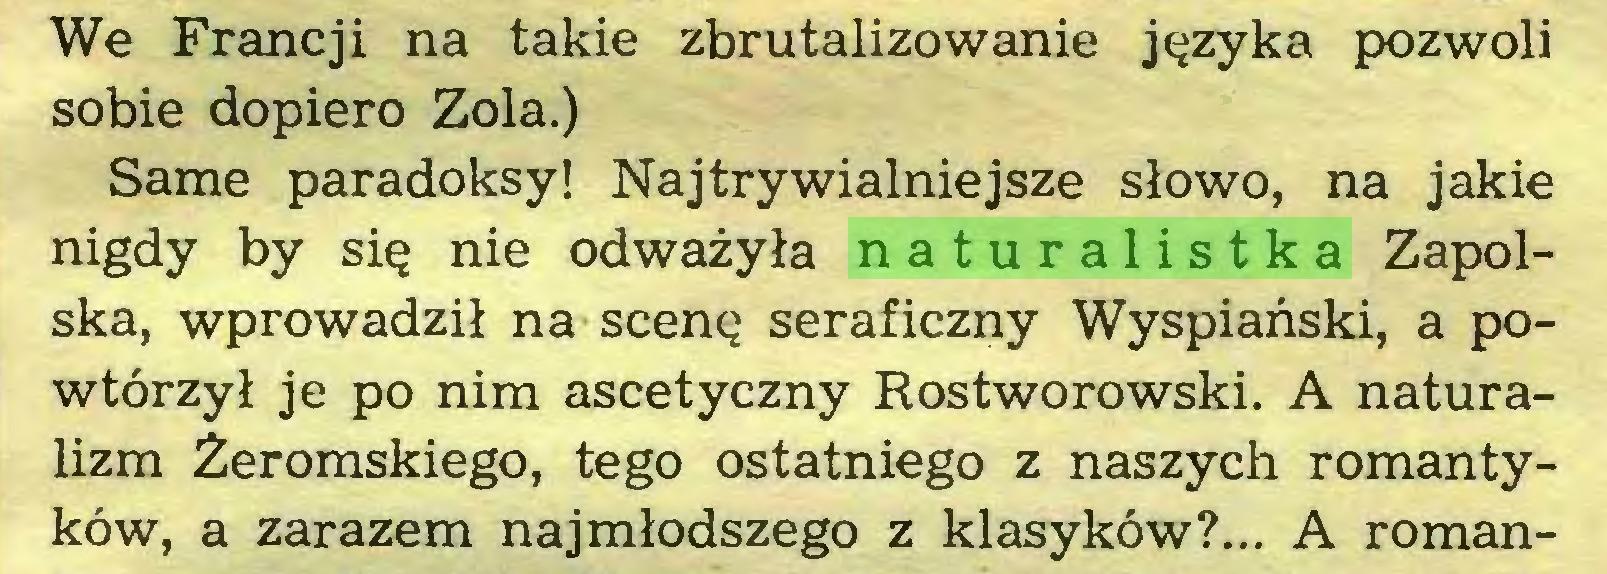 (...) We Francji na takie zbrutalizowanie języka pozwoli sobie dopiero Zola.) Same paradoksy! Najtrywialniejsze słowo, na jakie nigdy by się nie odważyła naturalistka Zapolska, wprowadził na scenę seraficzny Wyspiański, a powtórzył je po nim ascetyczny Rostworowski. A naturalizm Żeromskiego, tego ostatniego z naszych romantyków, a zarazem najmłodszego z klasyków?... A roman...